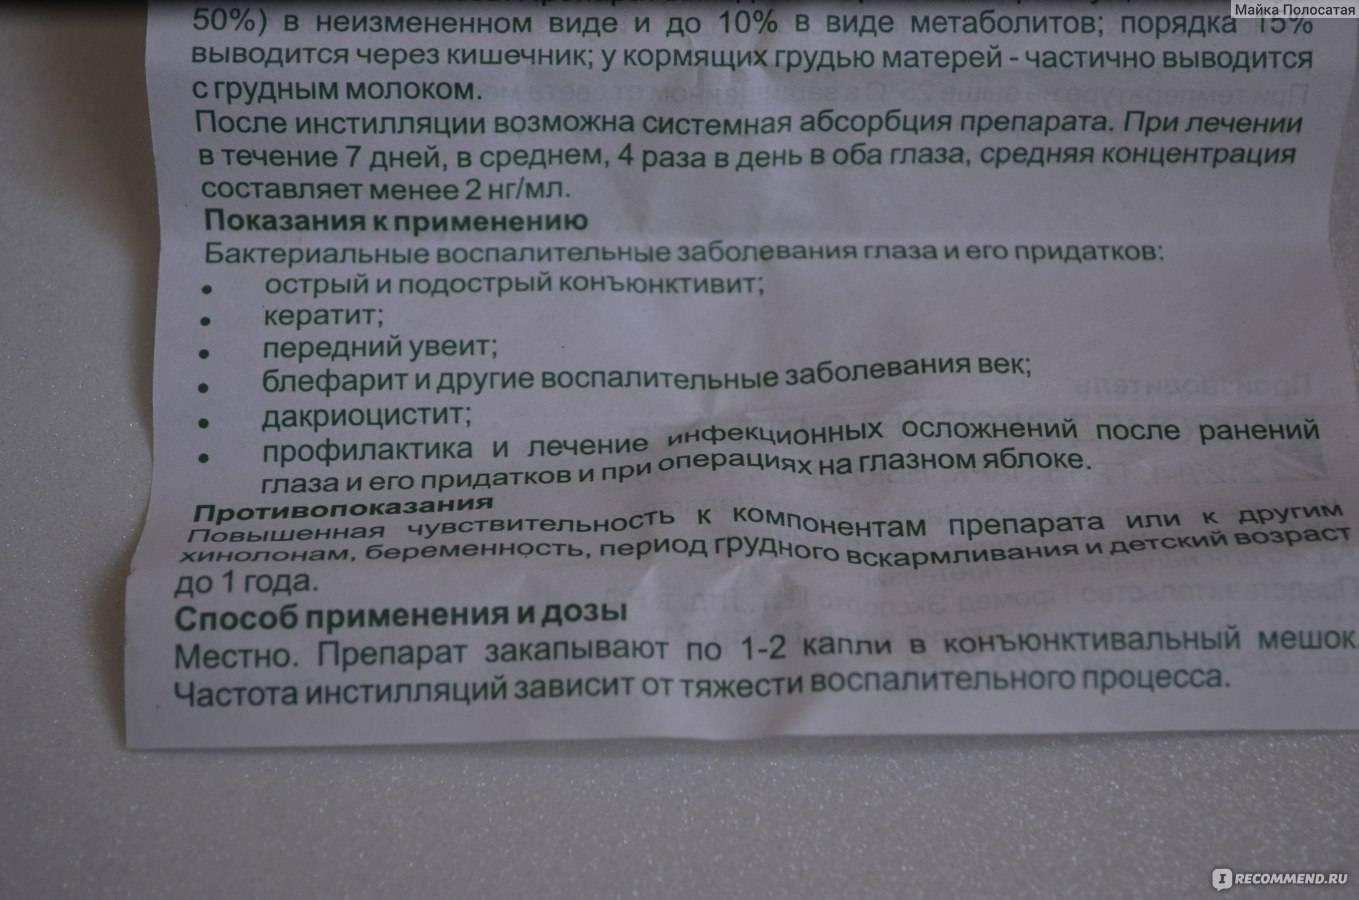 """""""ципромед"""" (ушные капли): инструкция по применению, состав, аналоги, показания и противопоказания, отзывы - druggist.ru"""